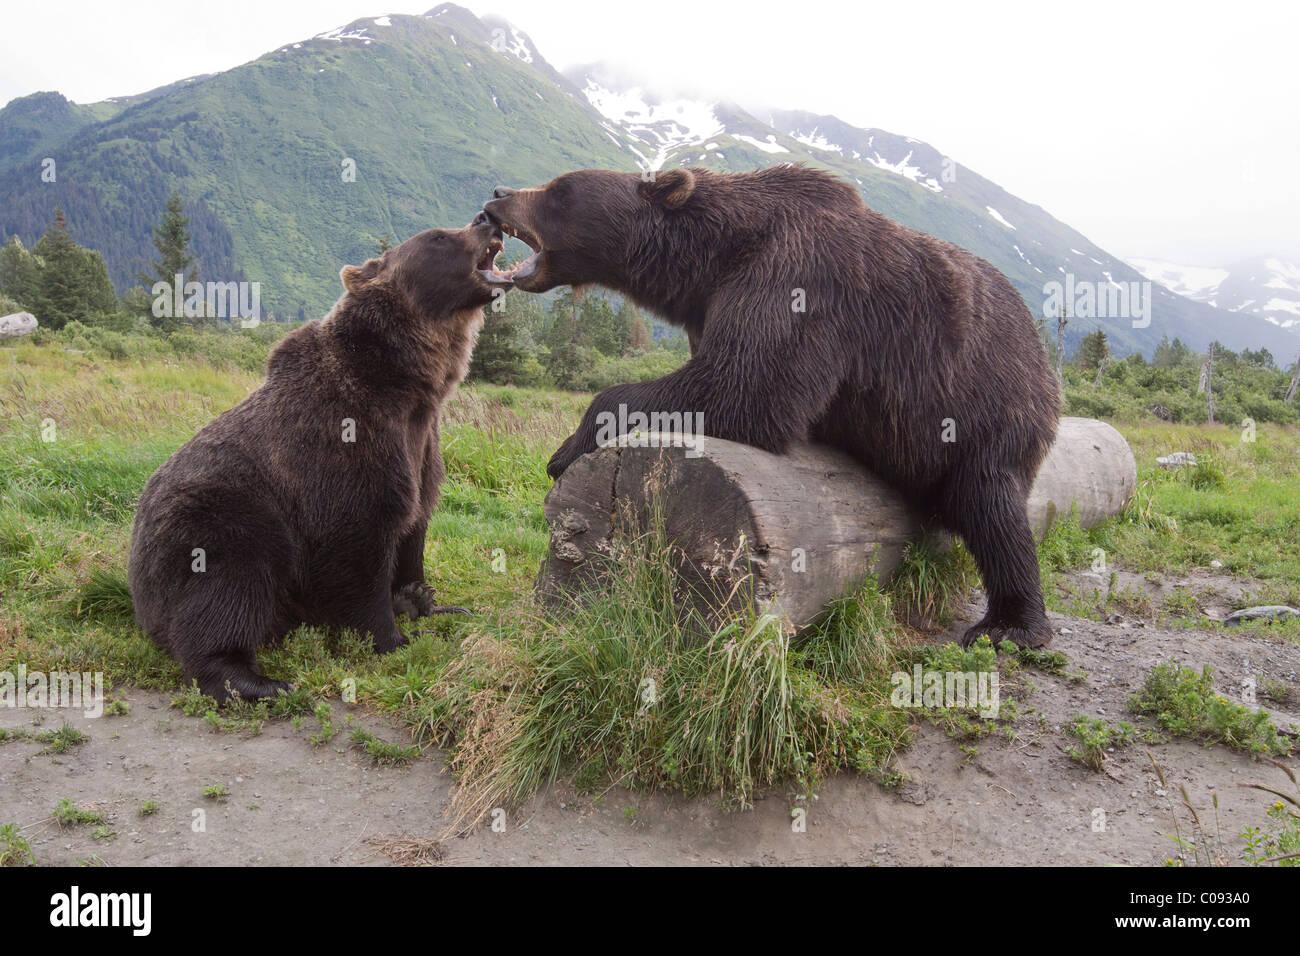 Un par de osos pardos en cautividad gruñidos y toque la boca abierta más de un registro en el Centro de Imagen De Stock